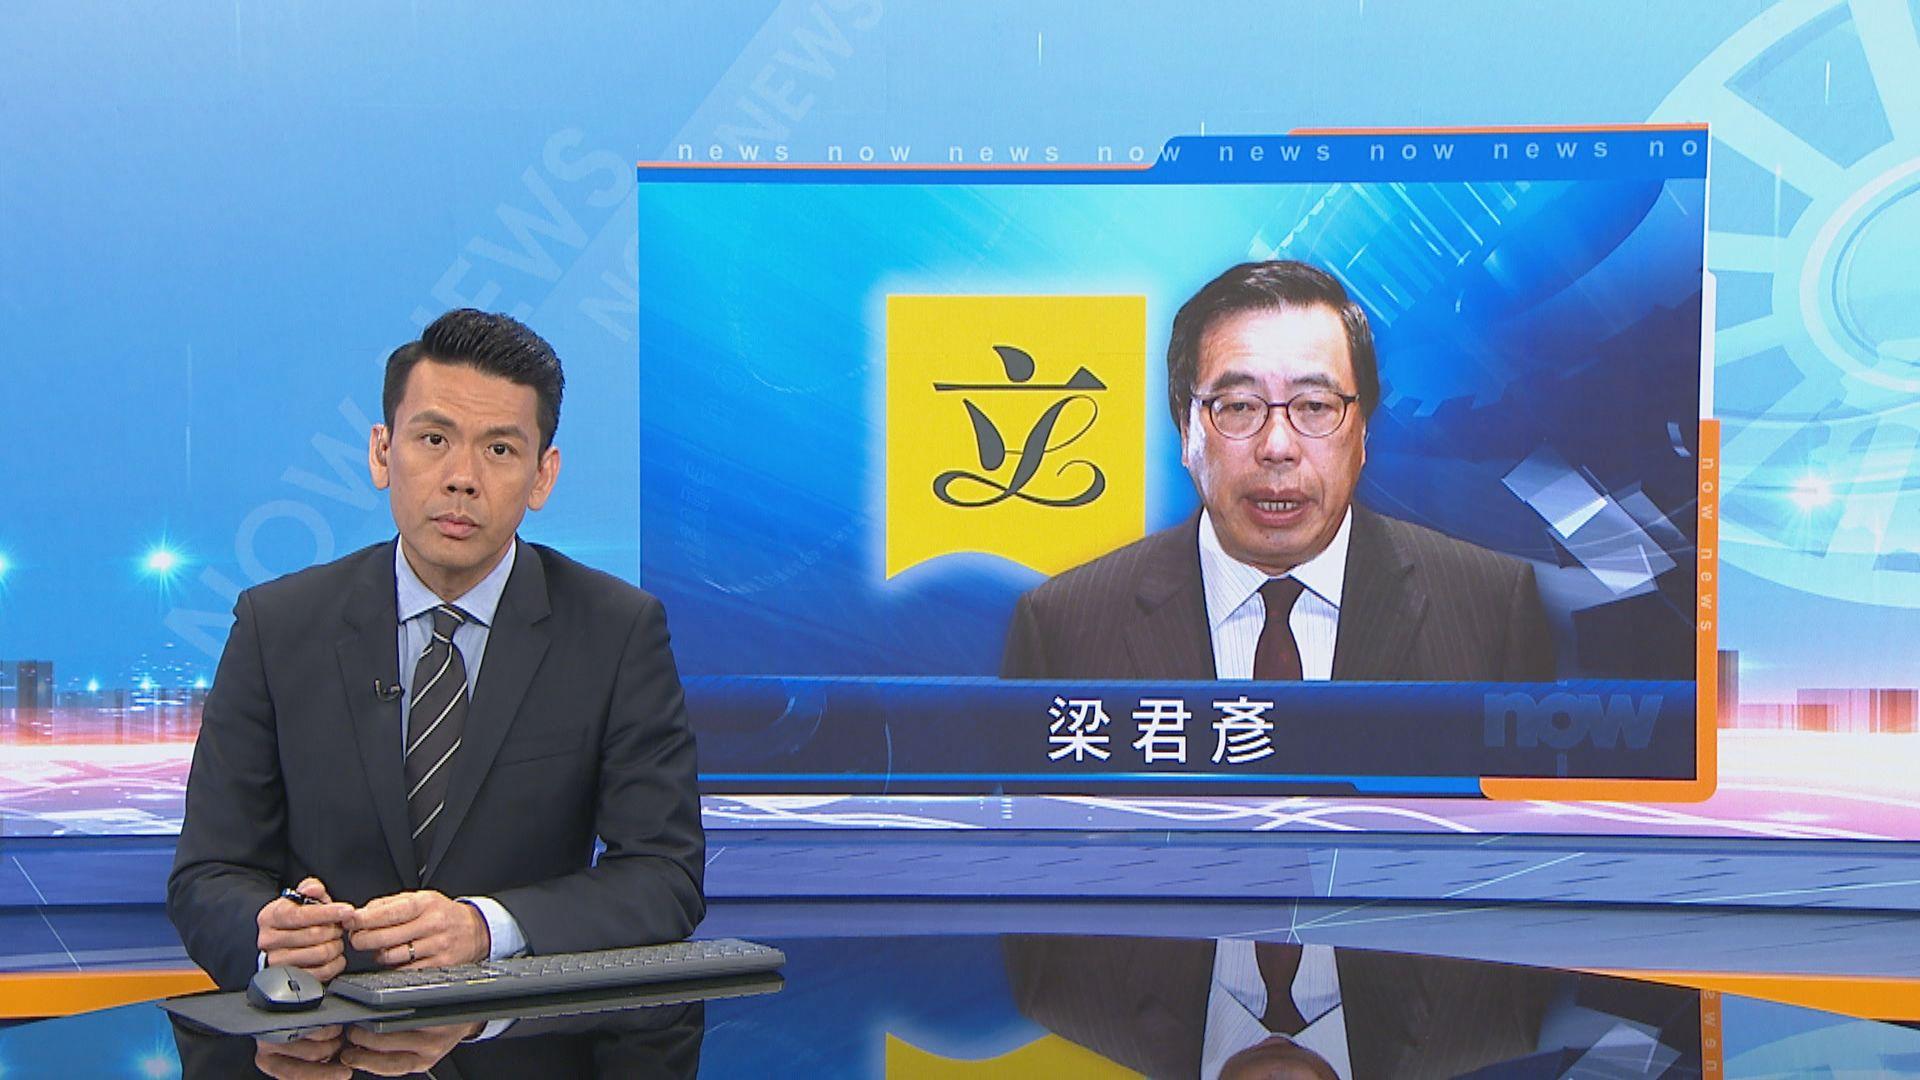 梁君彥:希望建制及非建制派協商 回復議會暢順運作